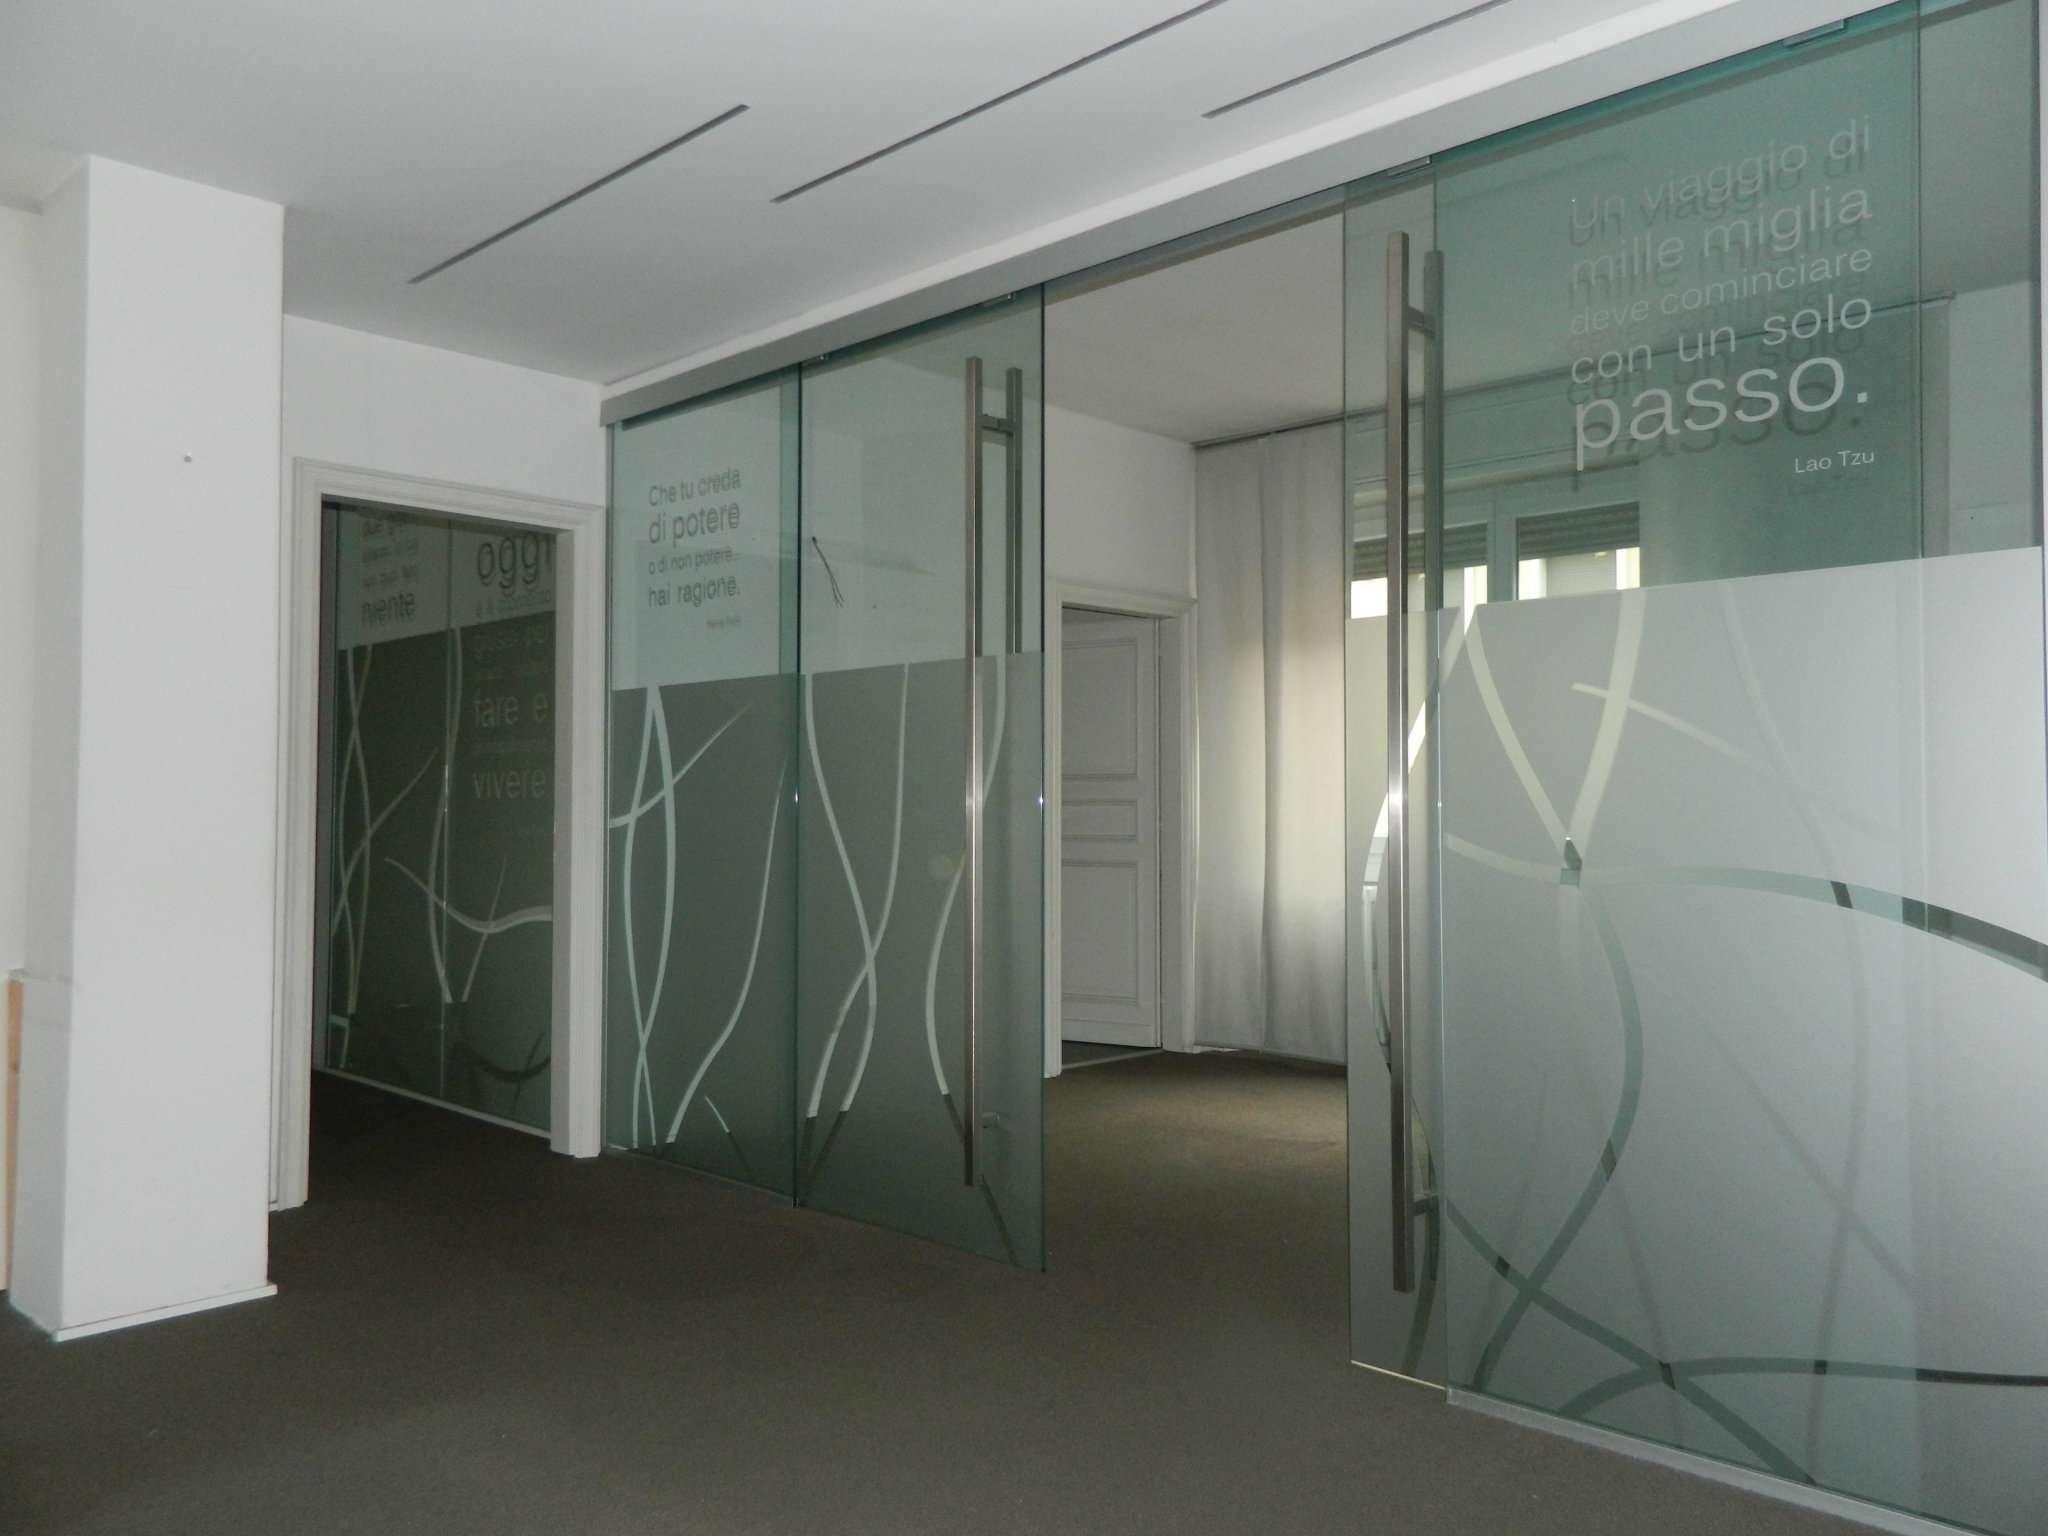 Ufficio / Studio in vendita a Sondrio, 6 locali, Trattative riservate | PortaleAgenzieImmobiliari.it